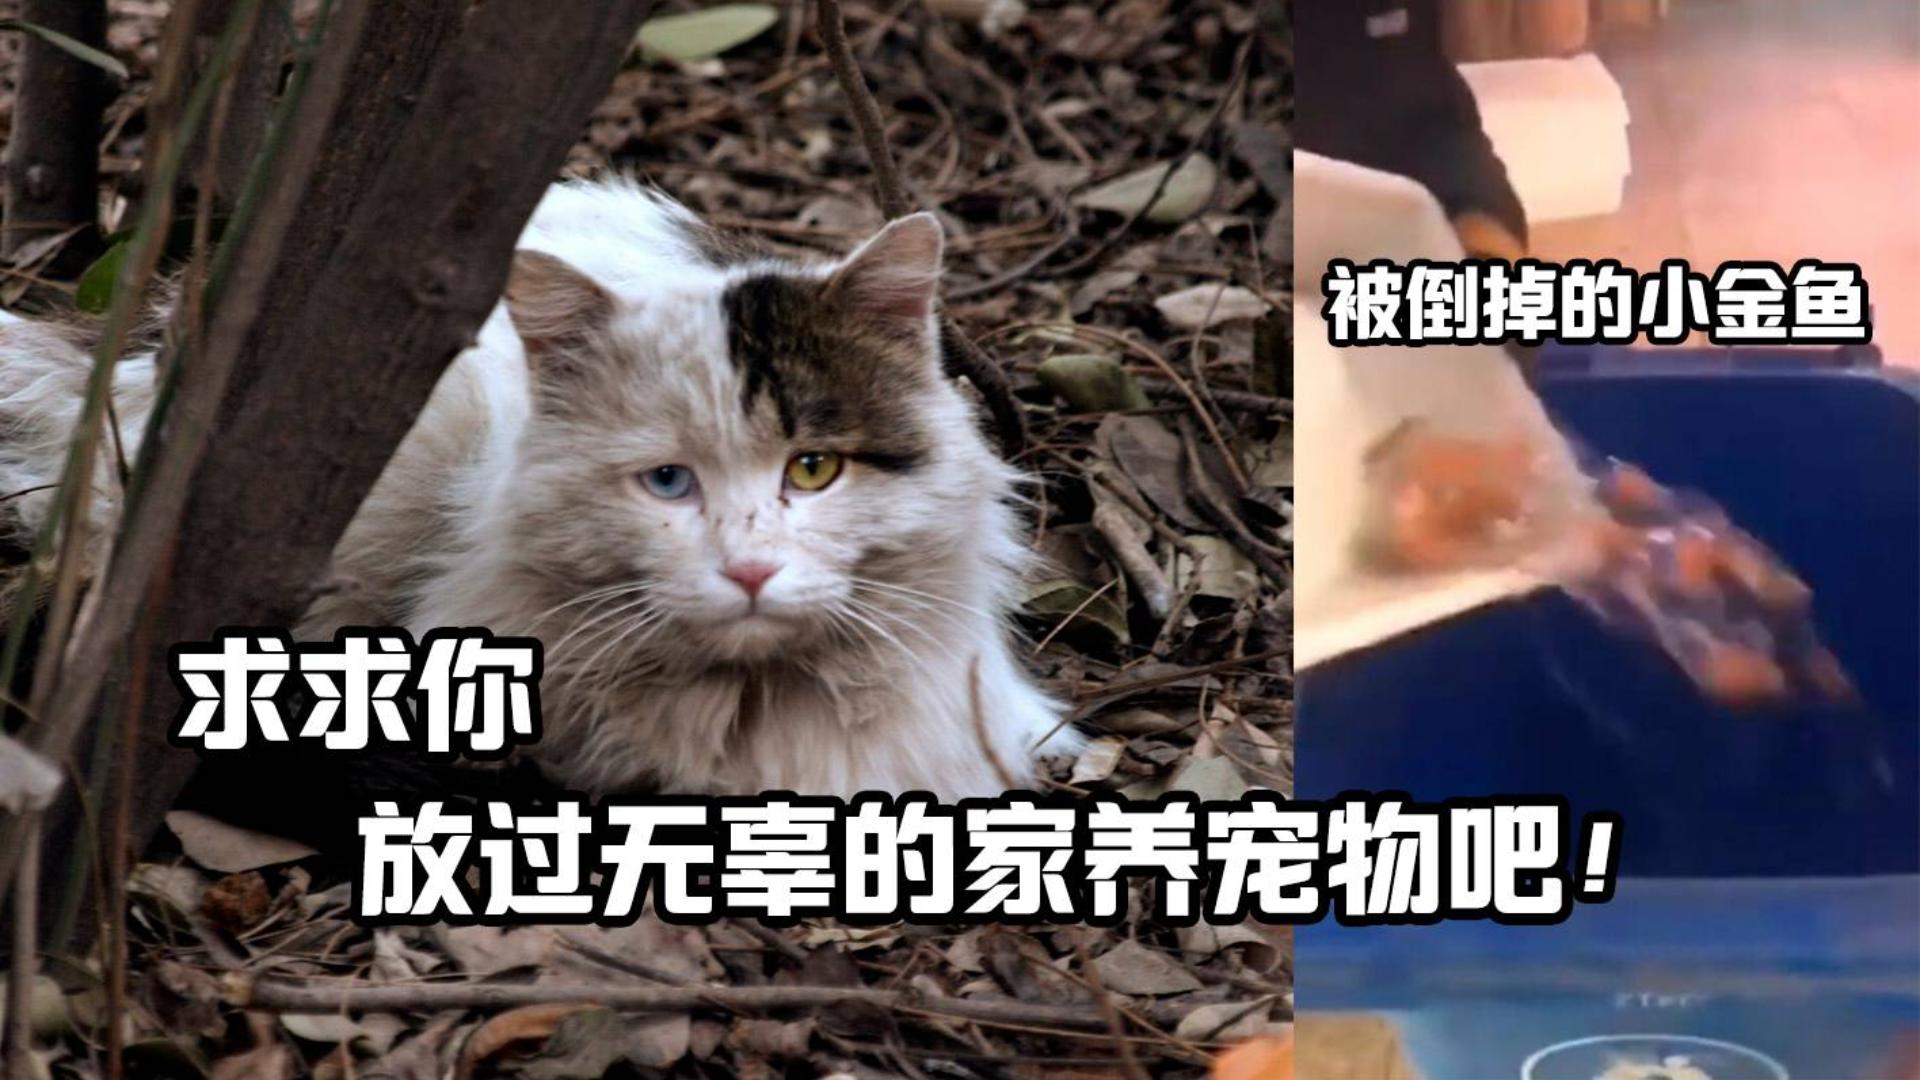 分析病毒学,打破家养宠物带有新型病毒的谣言!